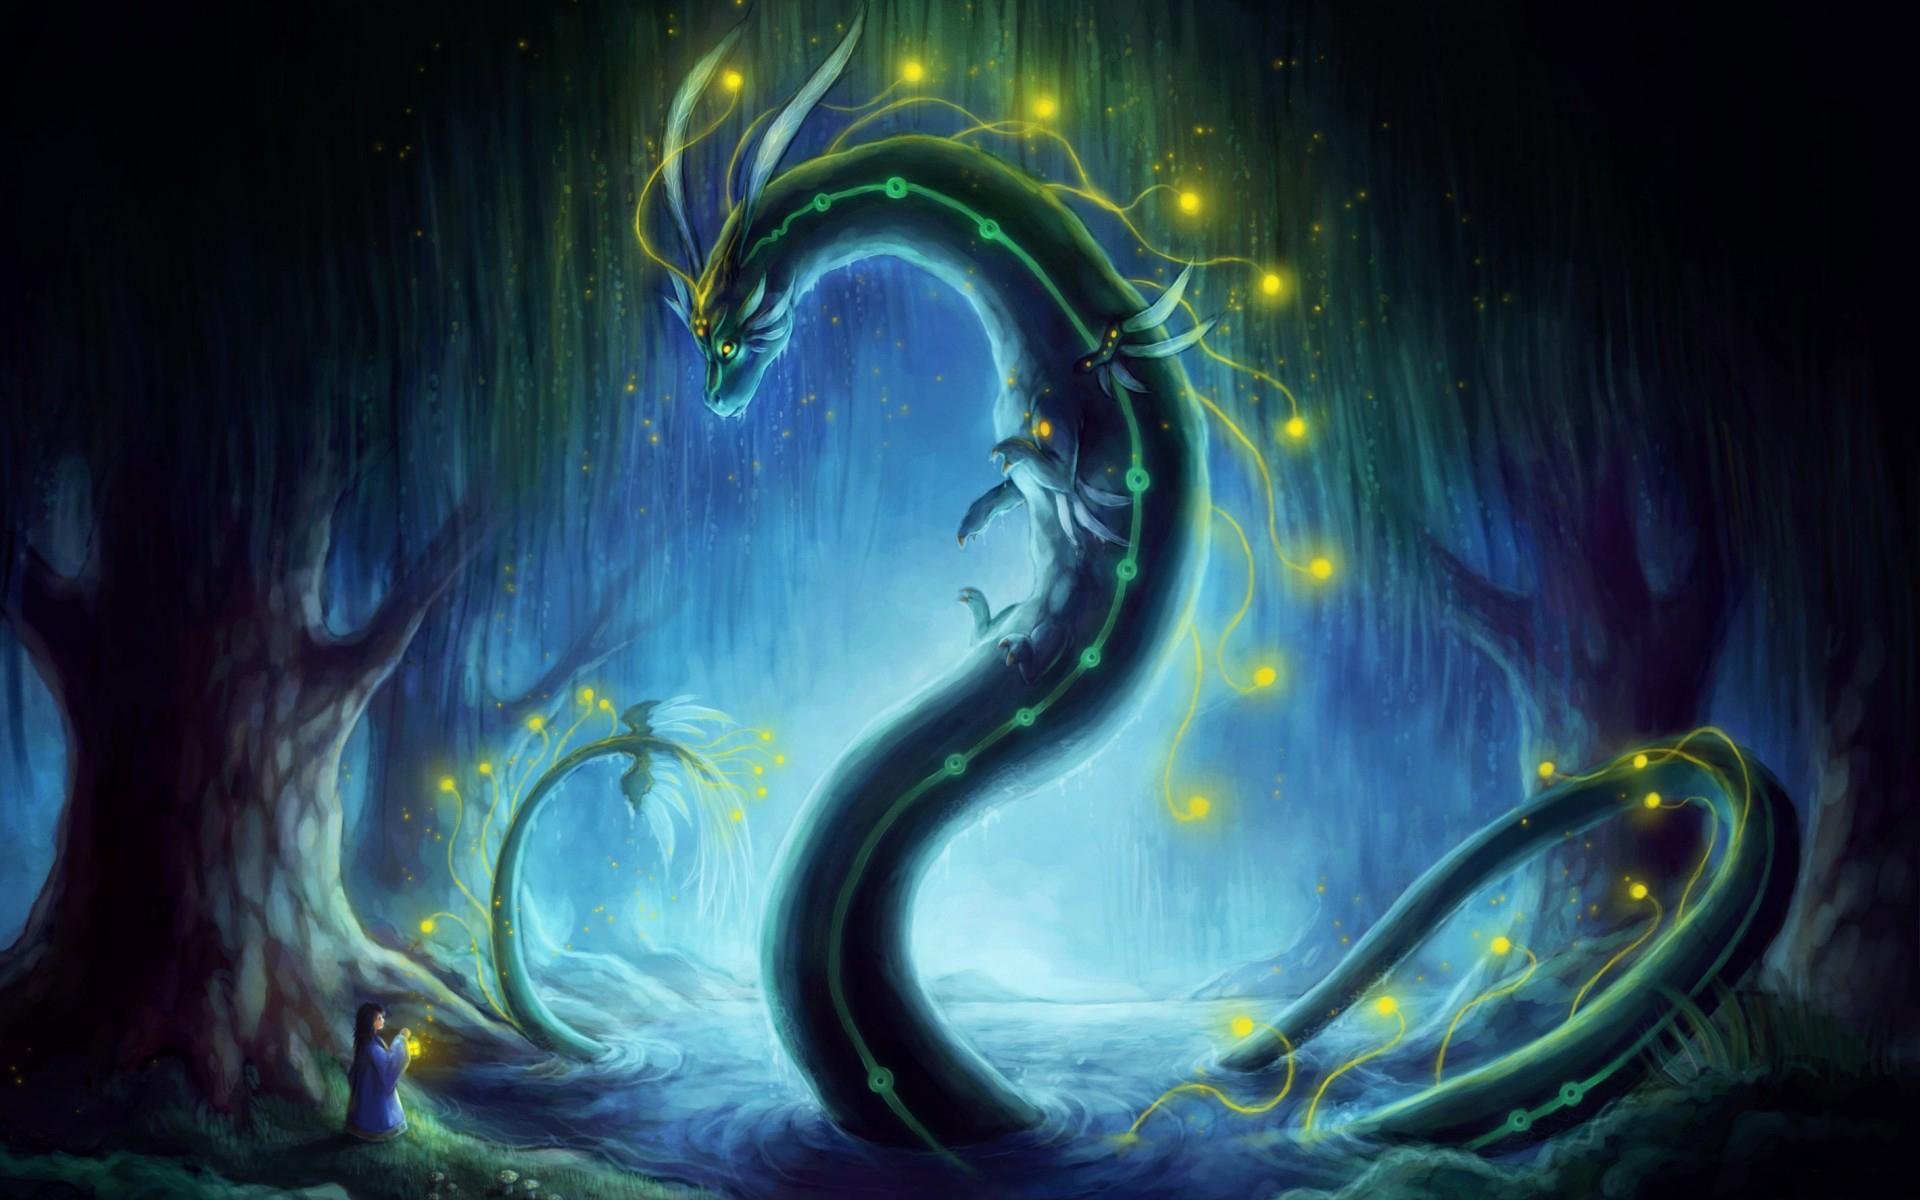 Змей фэнтези картинки